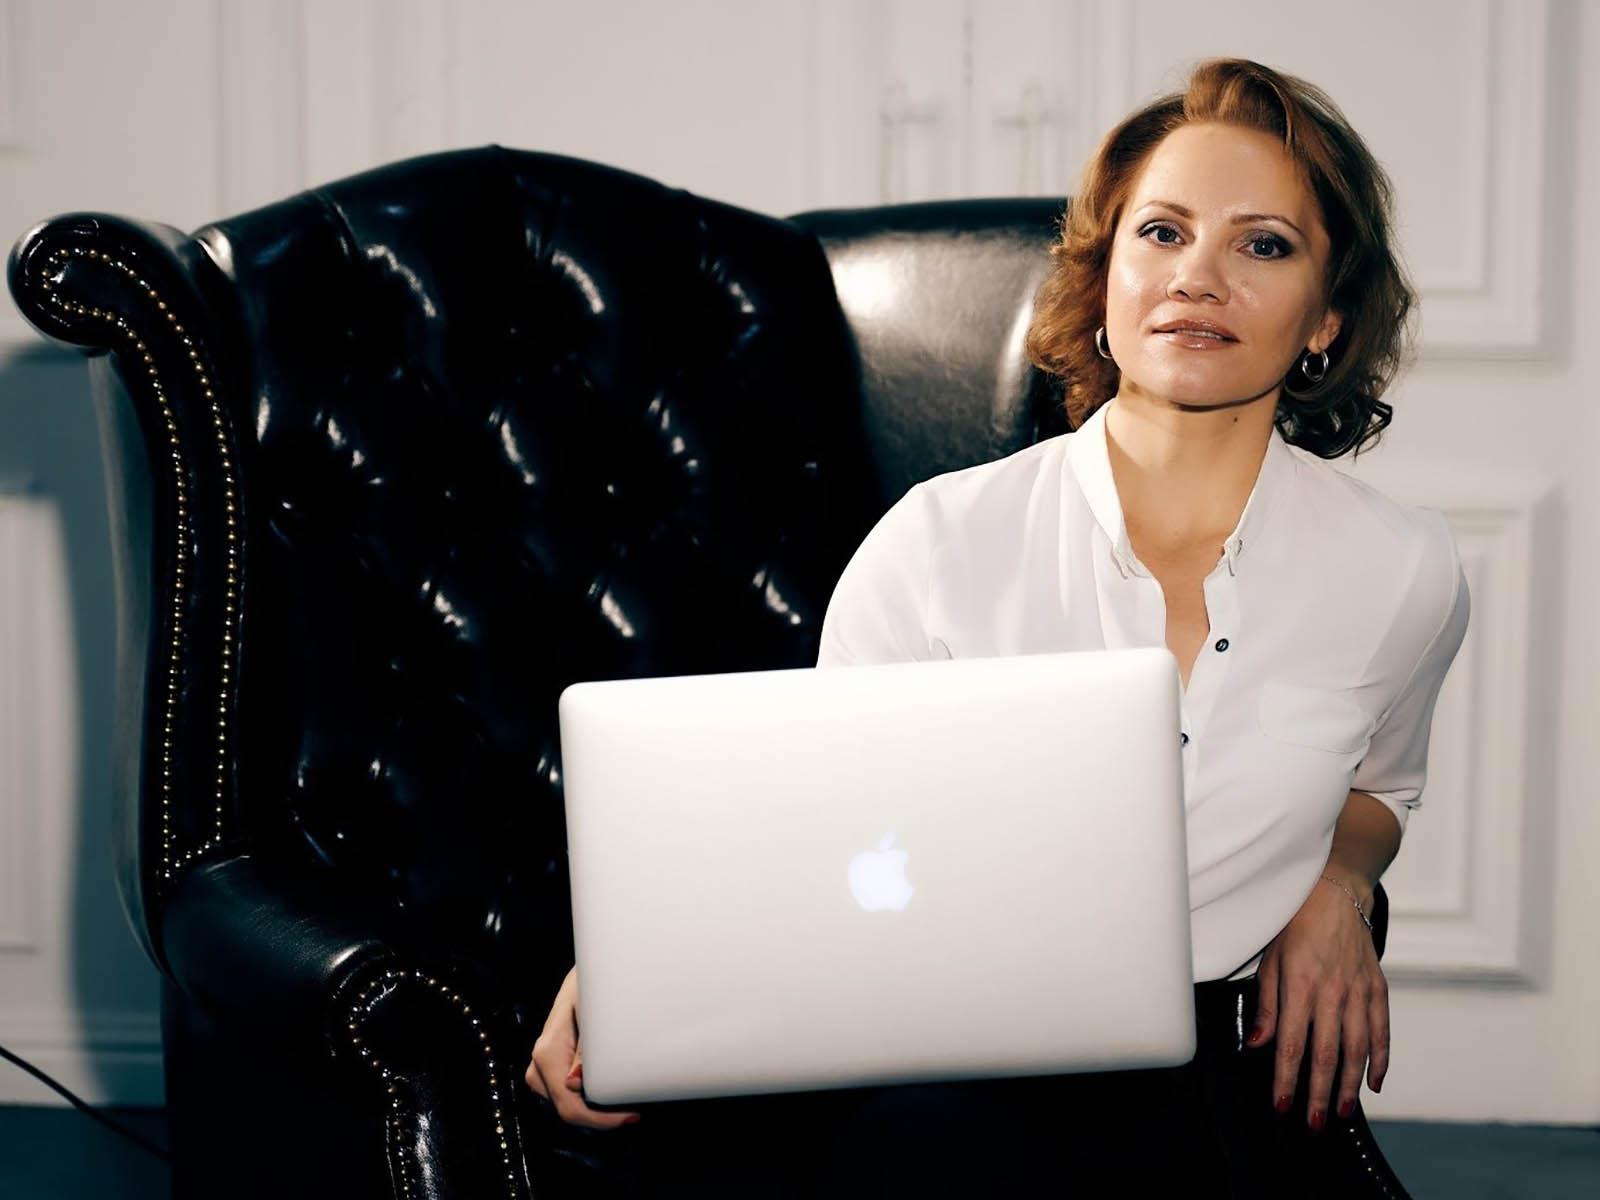 Анастасия Горюшкина - практикующий психолог, феноменолог, коуч